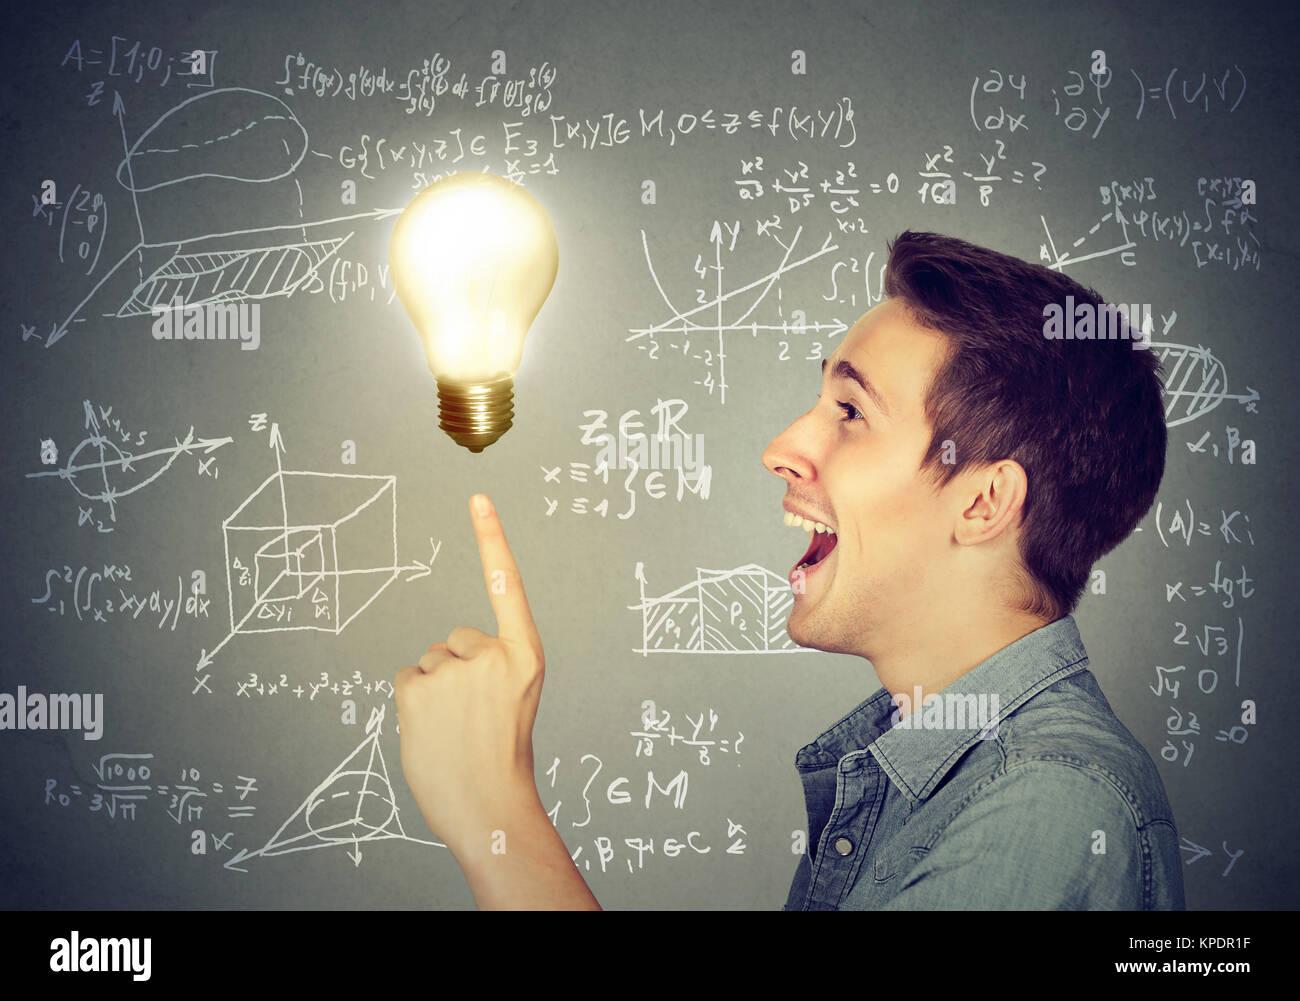 Vue de côté de l'homme contenu beaucoup de problème solution posant avec ampoule de feu. Photo Stock